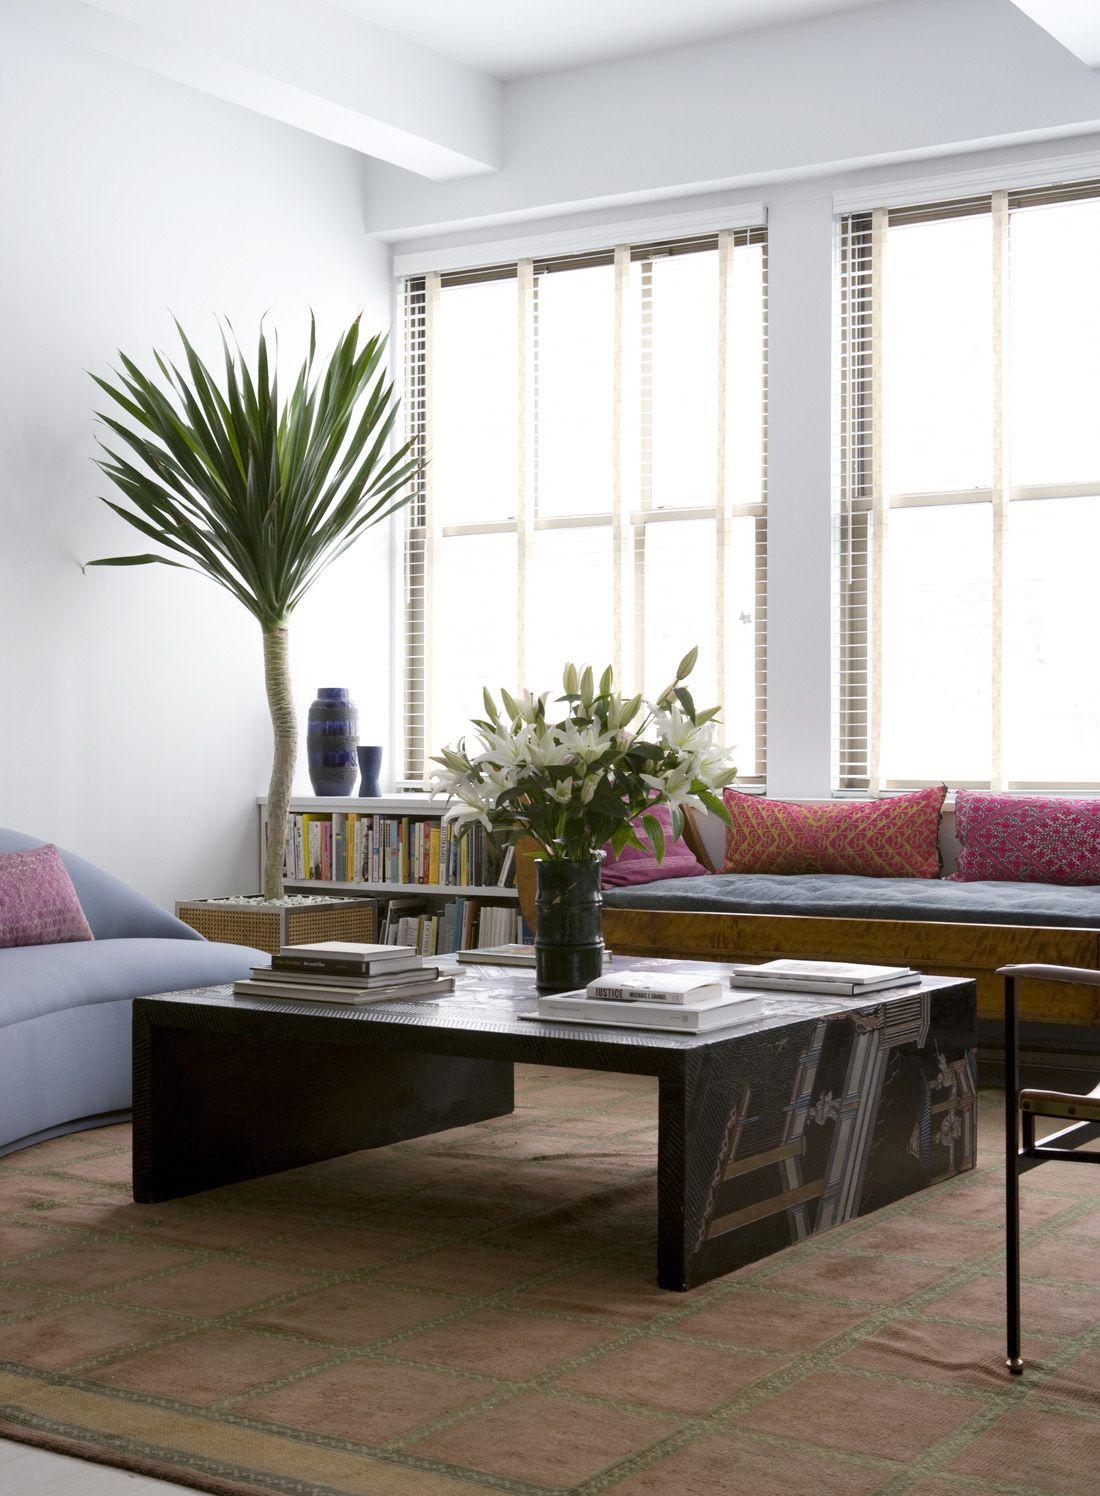 Billy cotton interiors home garden design apartment